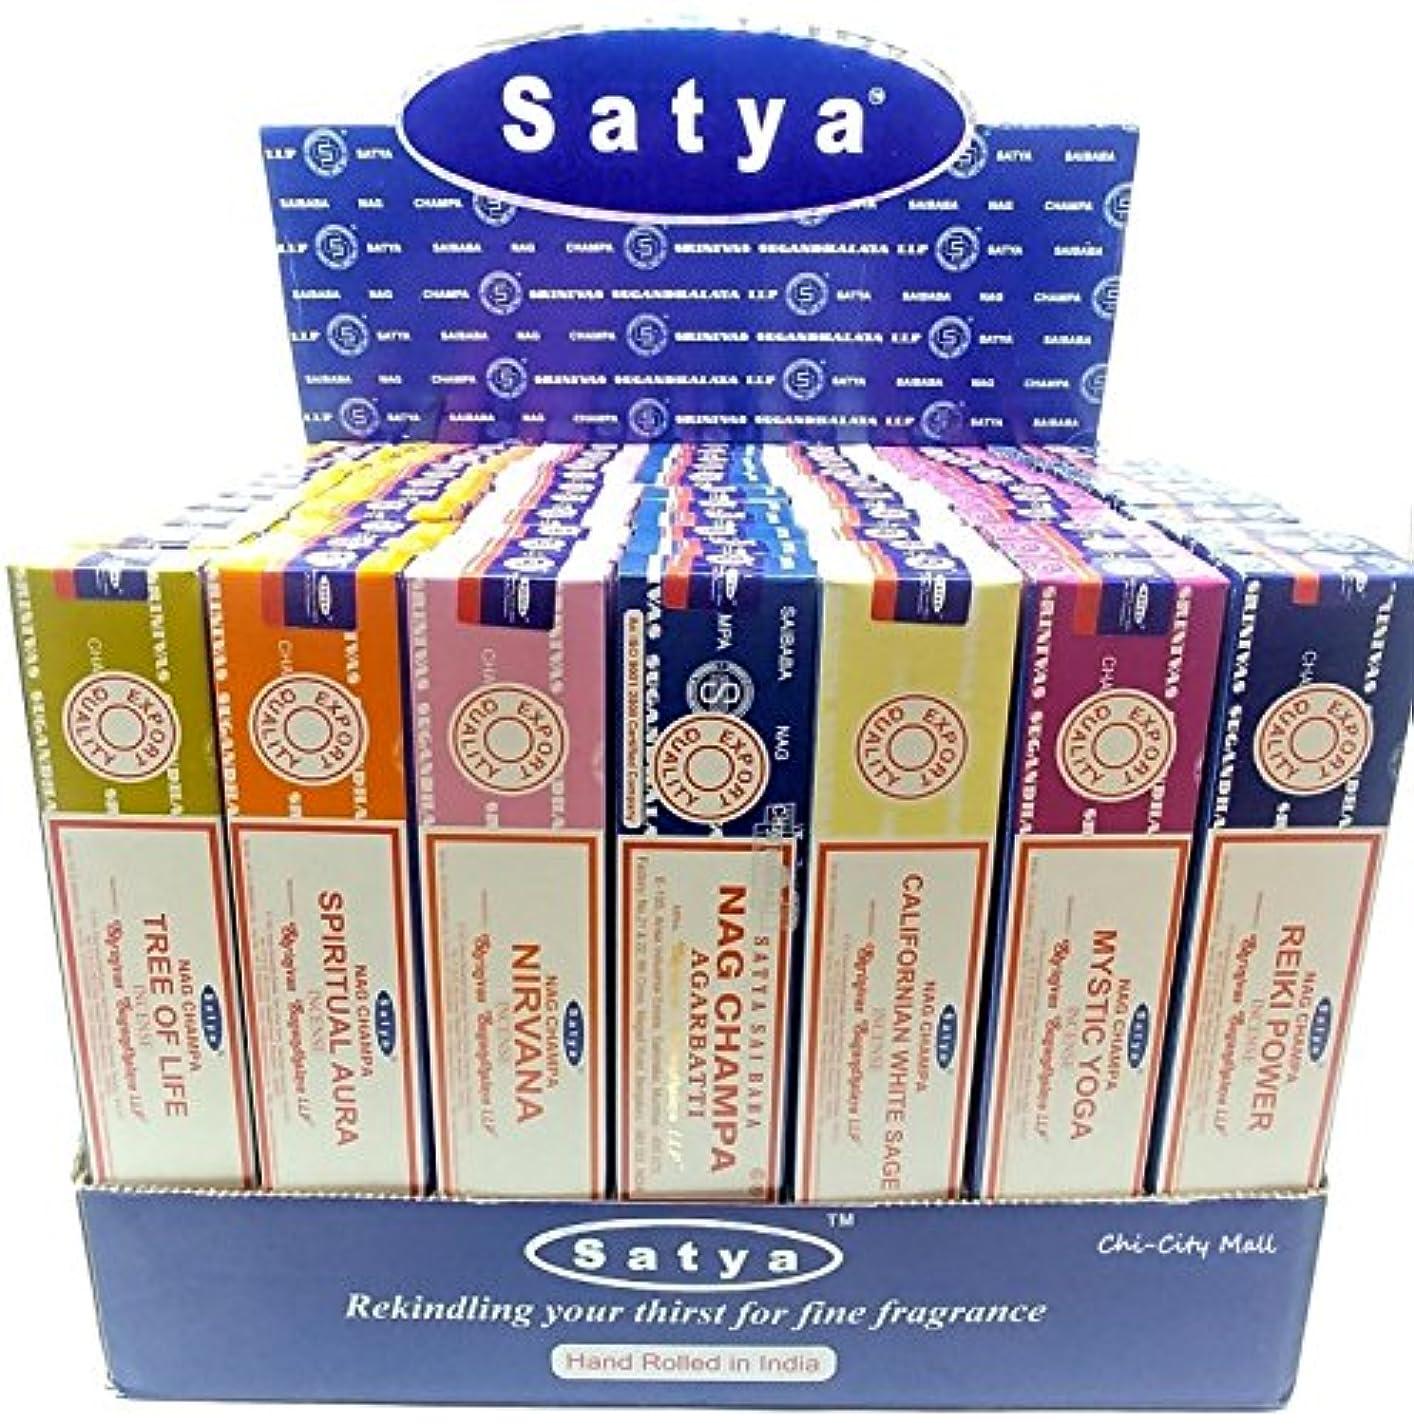 ビット大通り参加するchi-city Mall (7-pack/105g) – Satya Nag Champa Incense Sticks |詰め合わせギフトセットシリーズ| hand-rolled Agarbatti | Sai Baba...